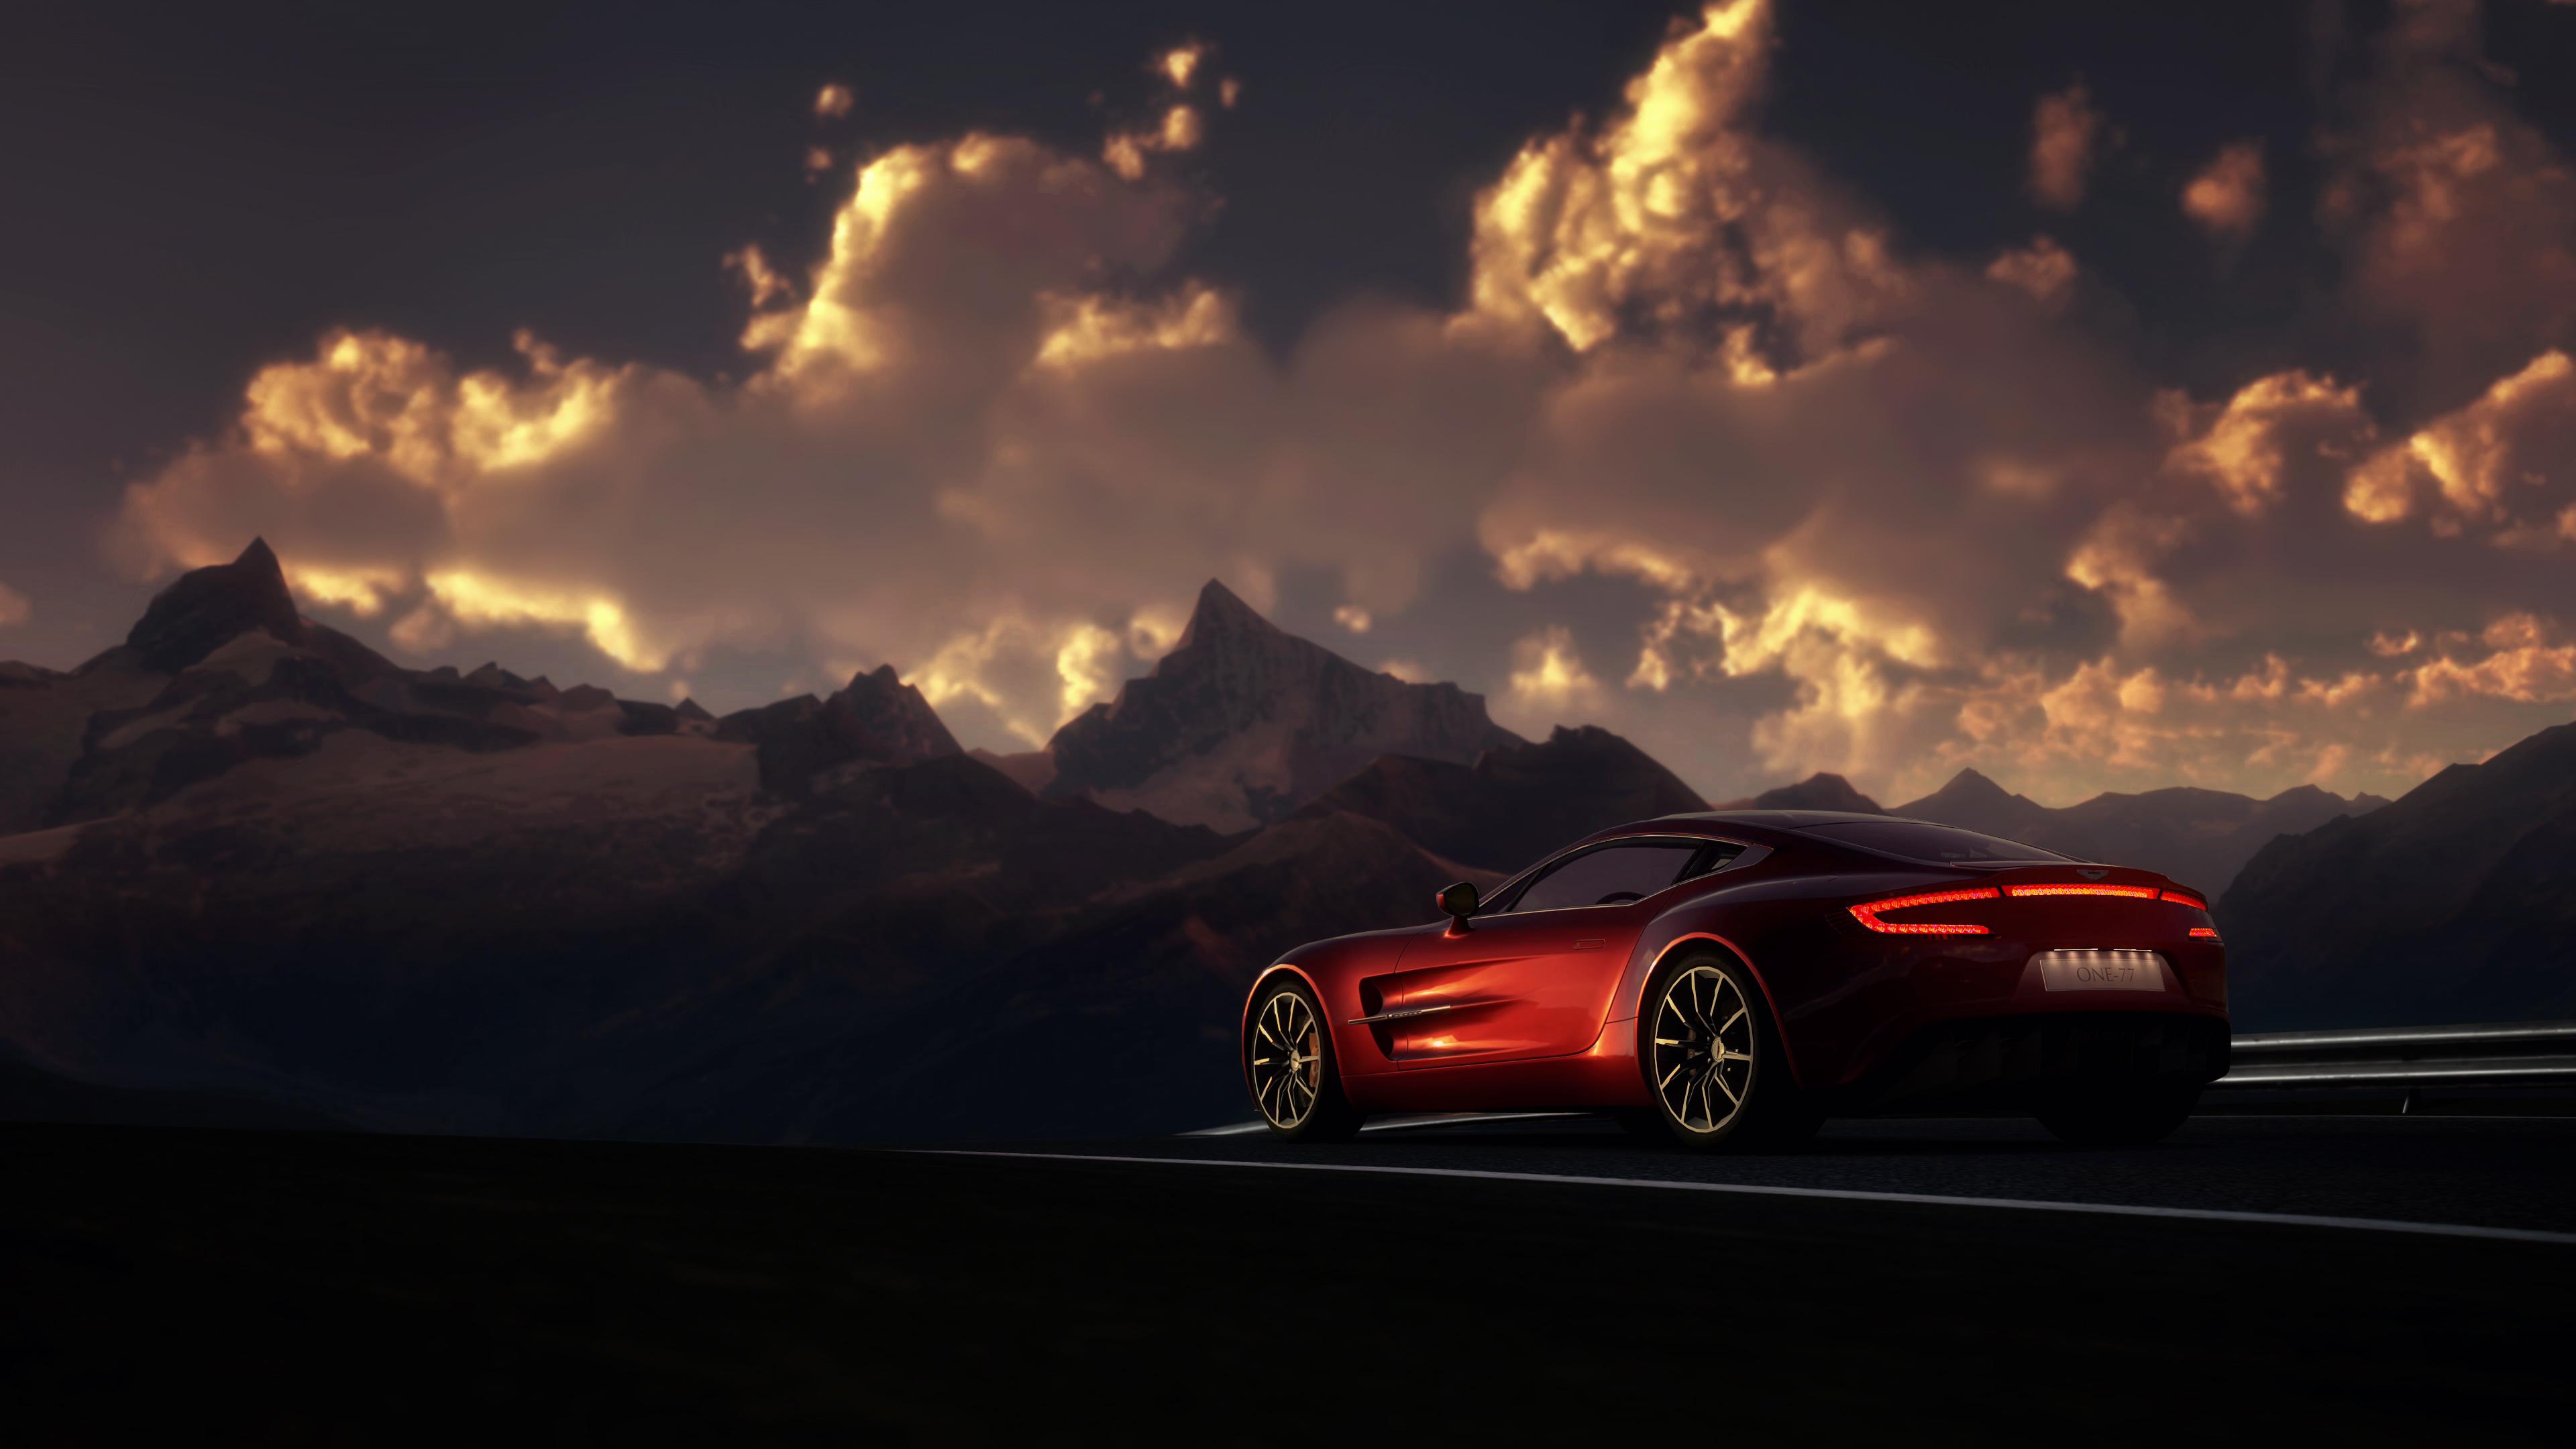 aston martin one 77 gran turismo 6 1558221120 - Aston Martin One 77 Gran Turismo 6 - hd-wallpapers, gran turismo sport wallpapers, games wallpapers, cars wallpapers, aston martin wallpapers, 4k-wallpapers